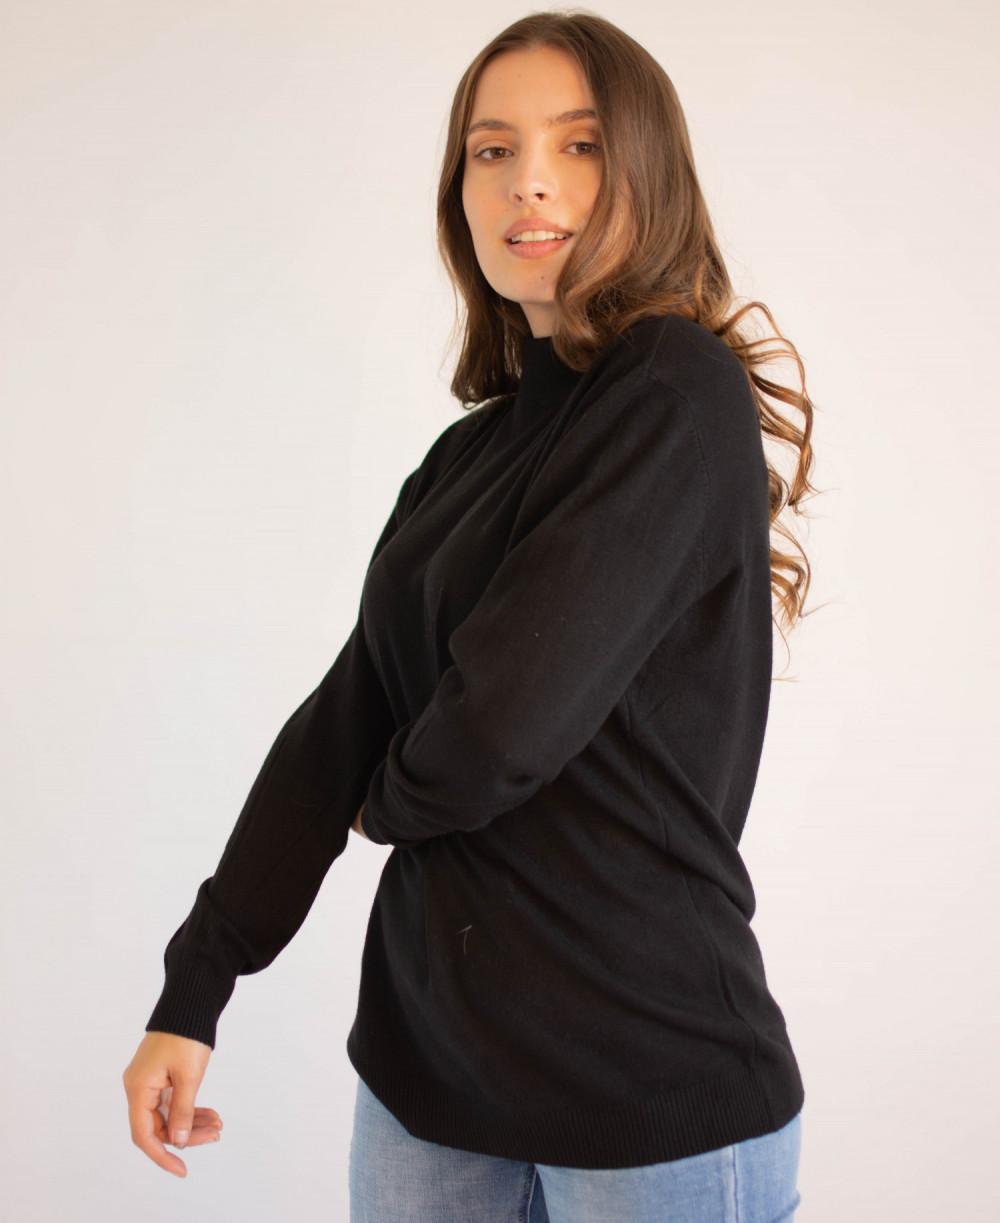 Czarny sweter z golfem Jean 2